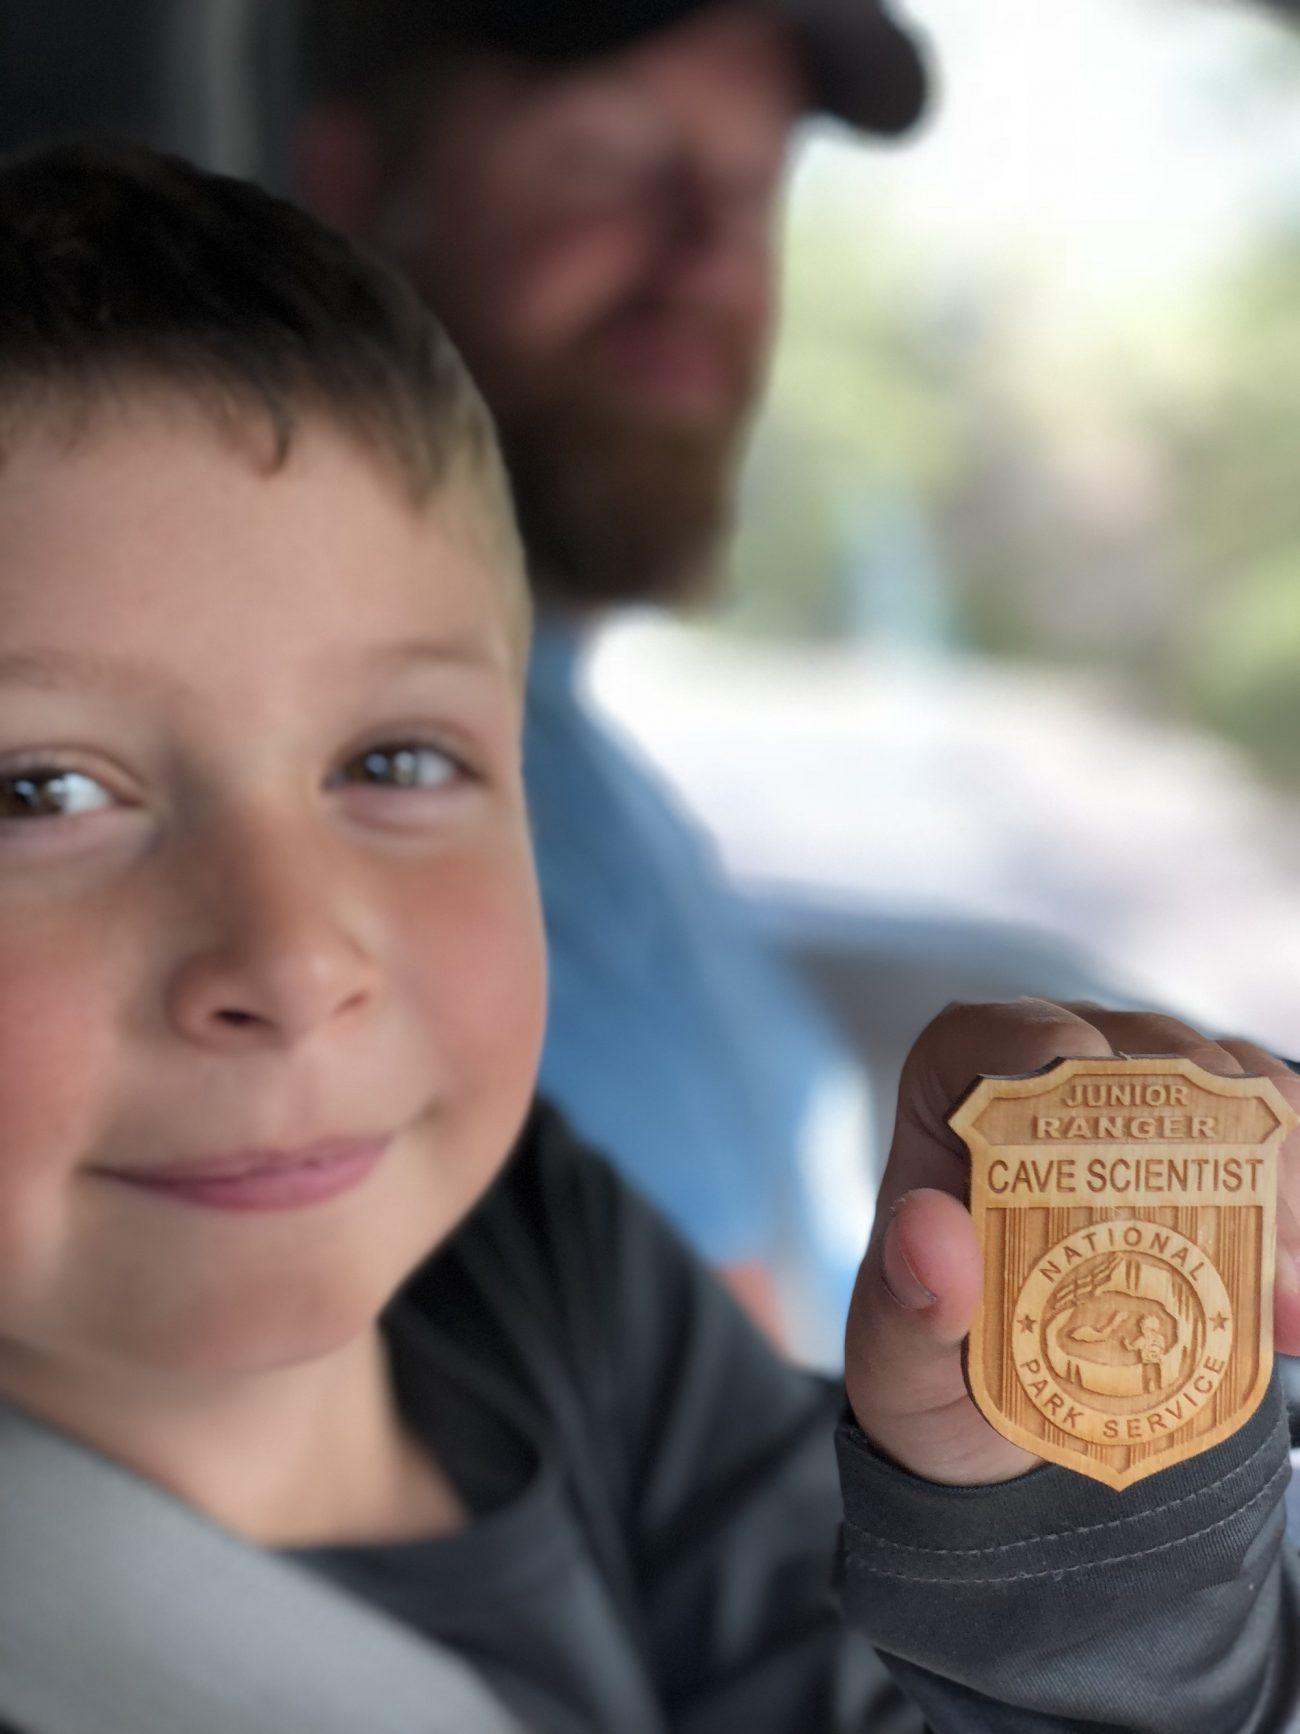 Cave Scientist Badge